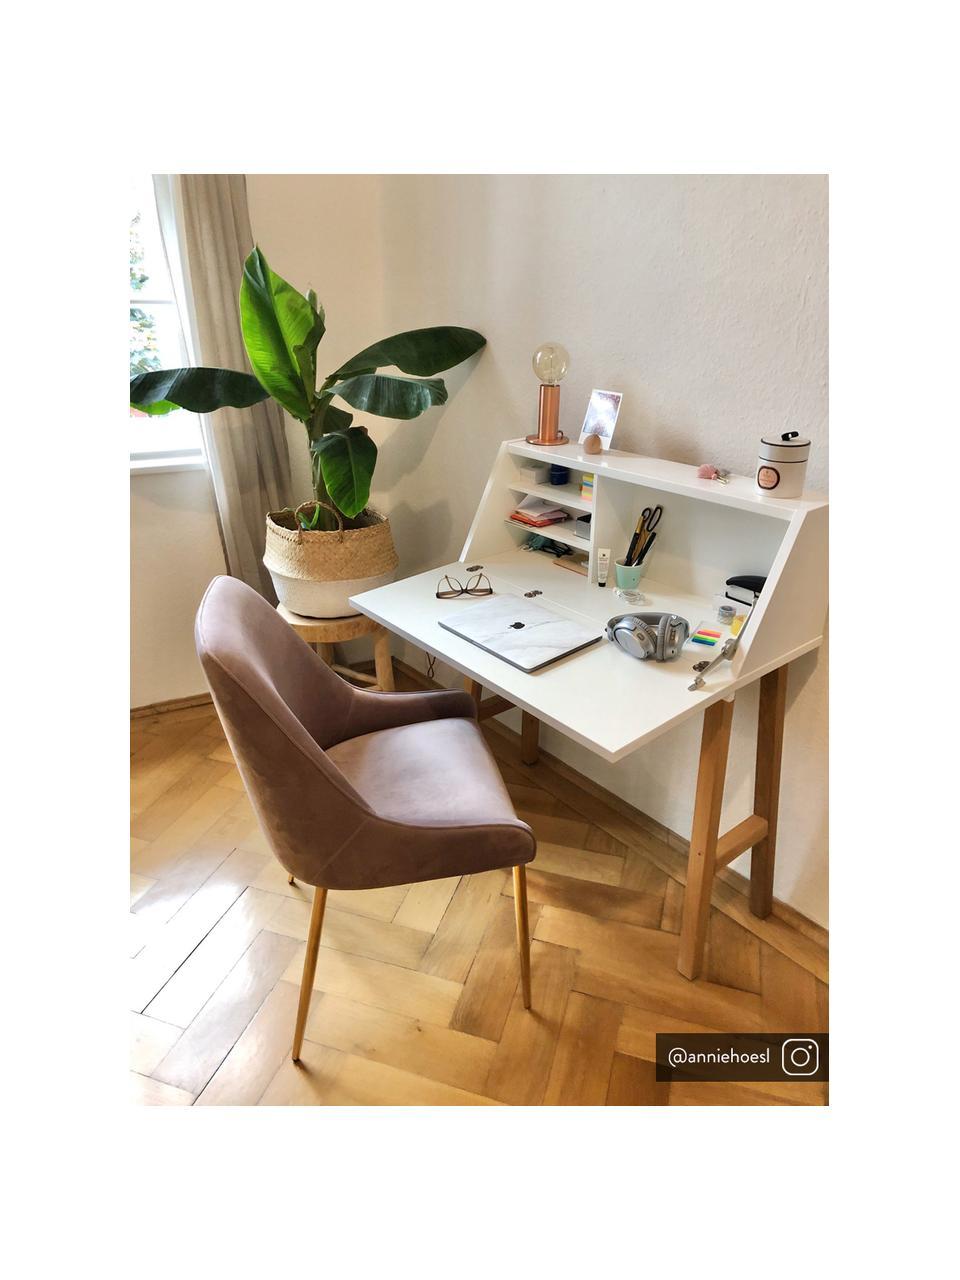 Krzesło tapicerowane z aksamitu Ava, Tapicerka: aksamit (100% poliester) , Nogi: metal galwanizowany, Aksamitny mauve, S 53 x G 60 cm